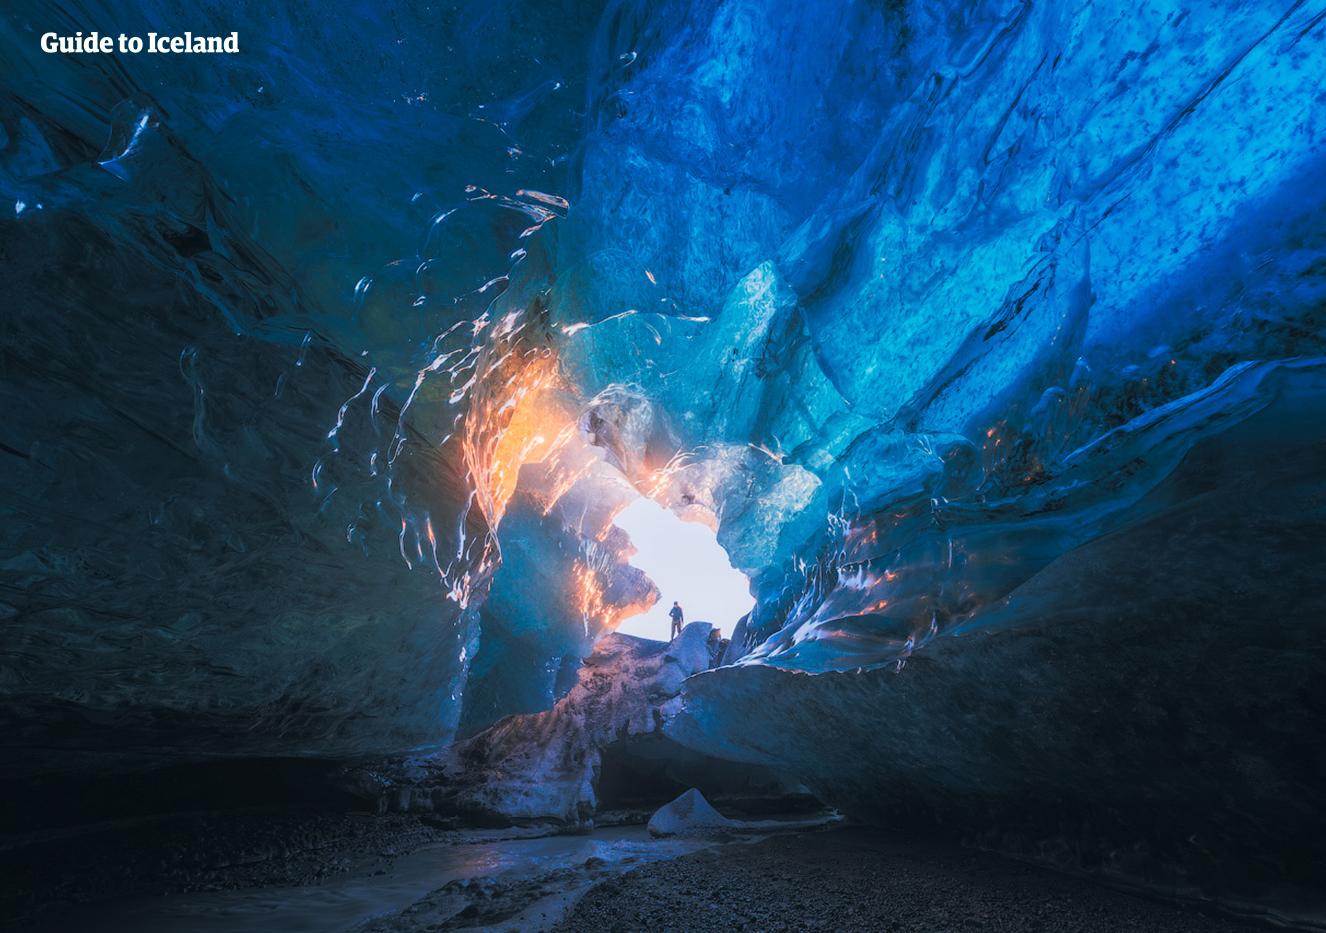 瓦特纳冰川下隐藏着蓝冰洞,蓝冰洞是冰岛冬季最引人入胜的自然奇观